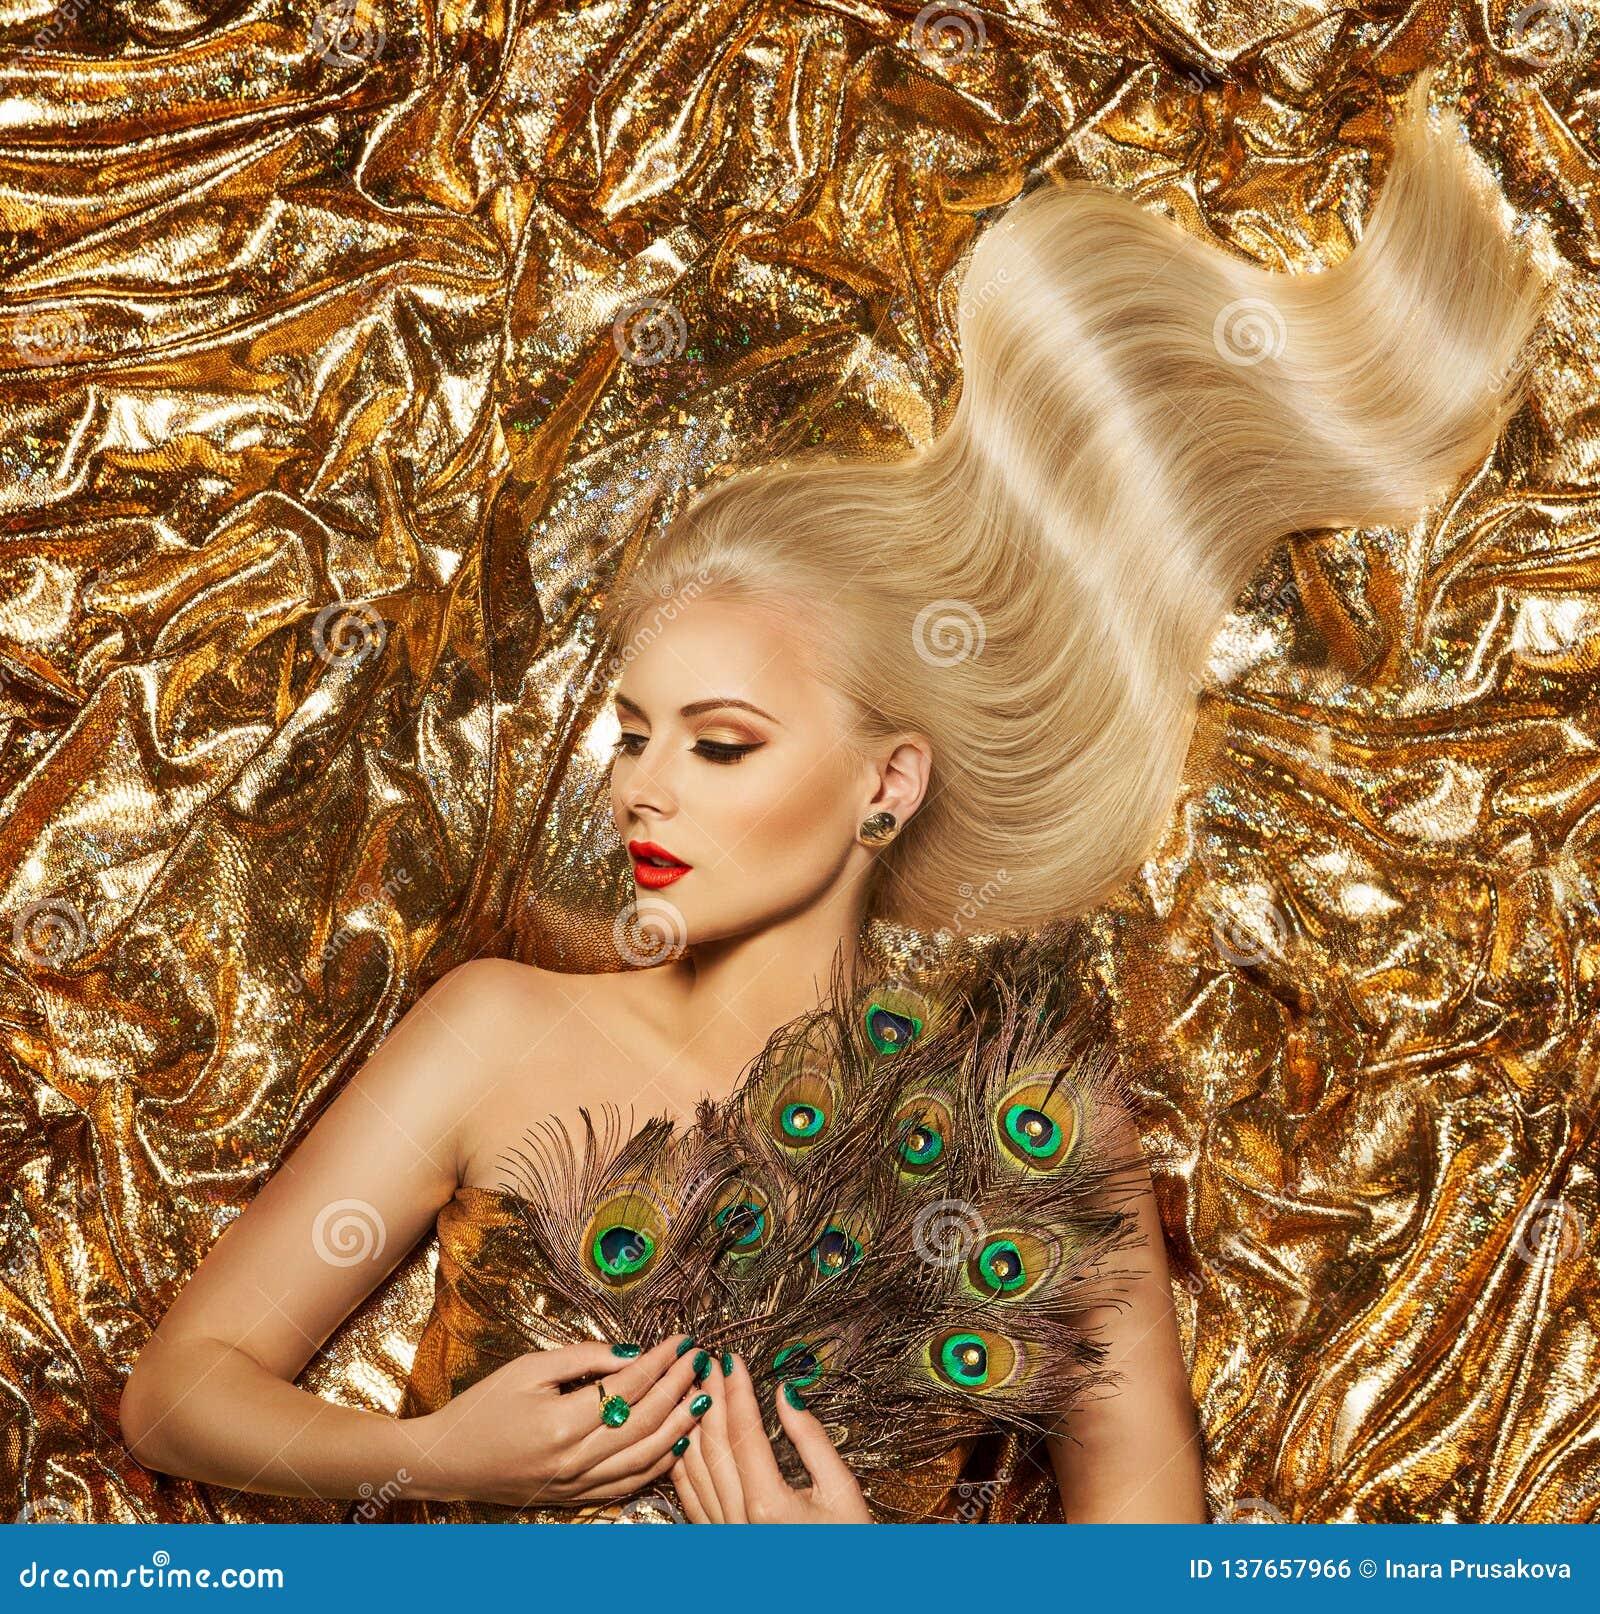 Złocisty Włosy Moda Modela Złote Fale Fryzury Blondynki